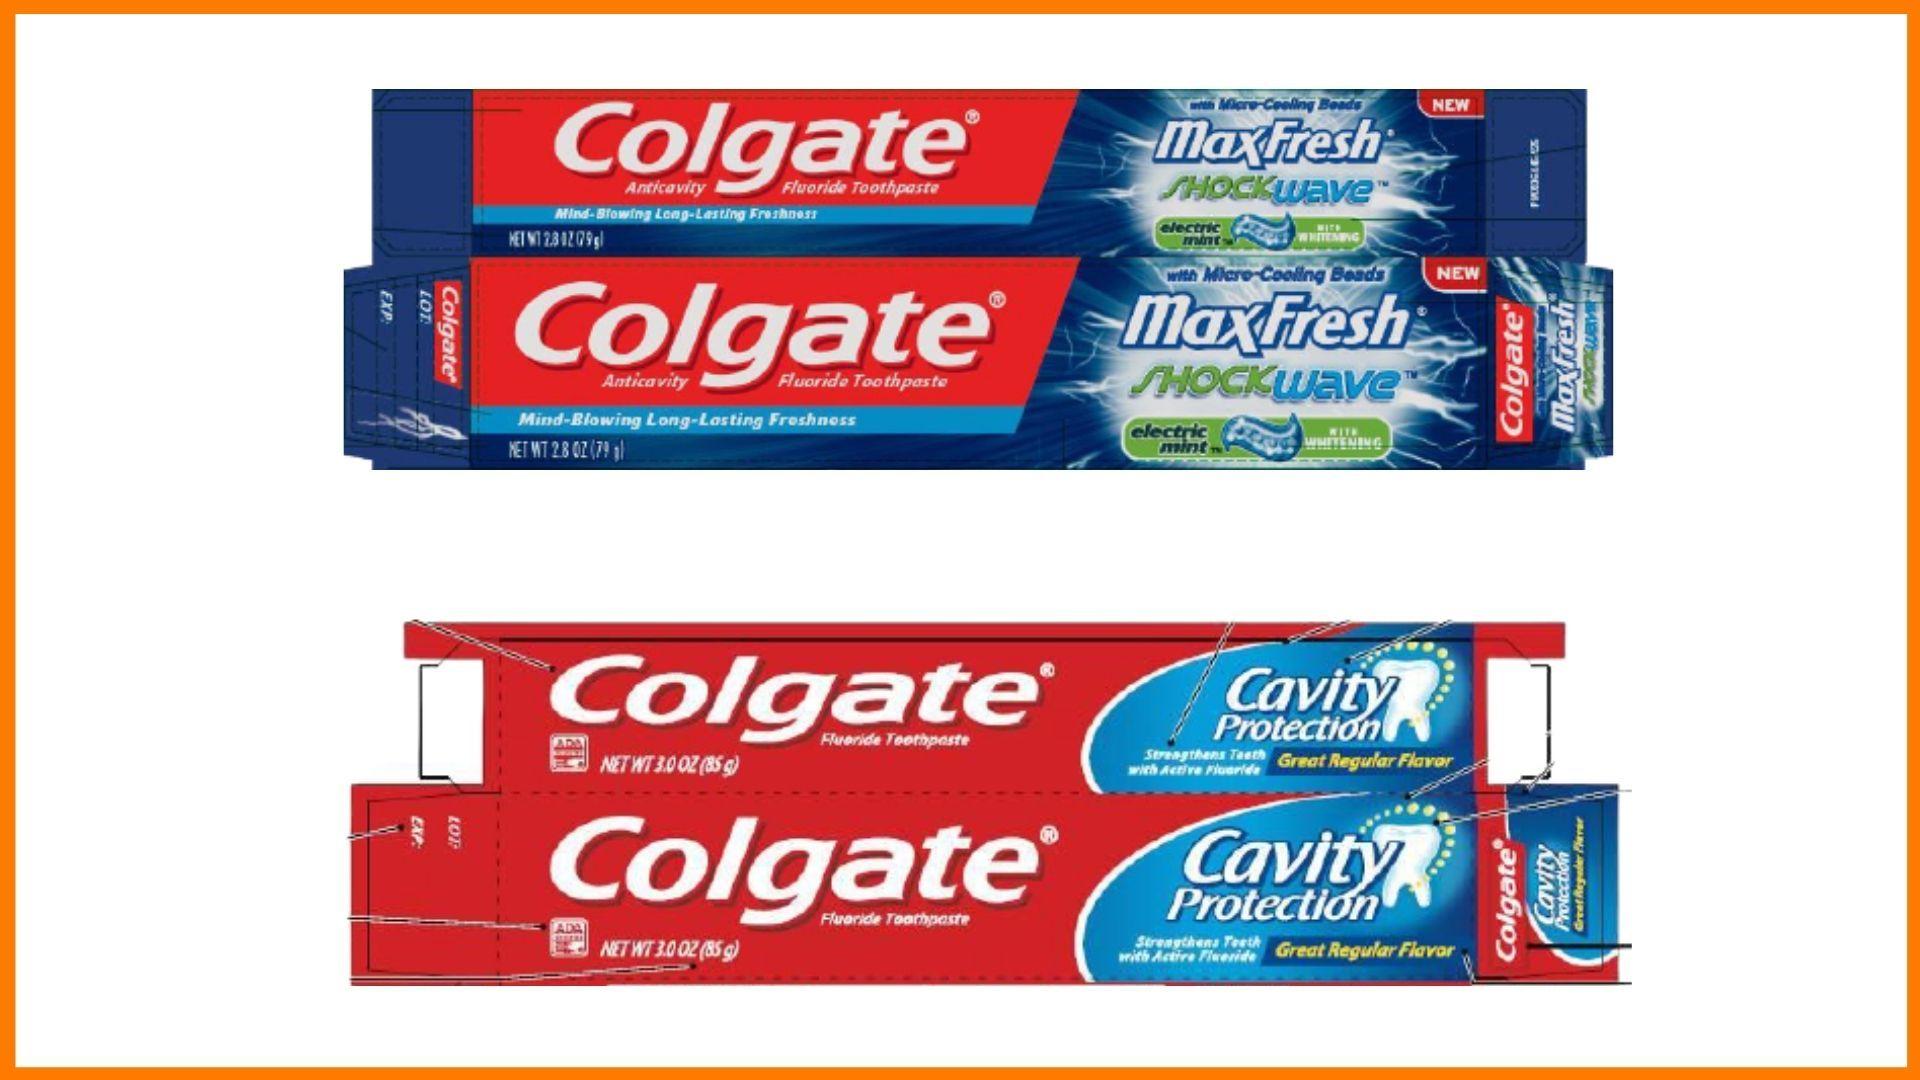 Colgate Packaging